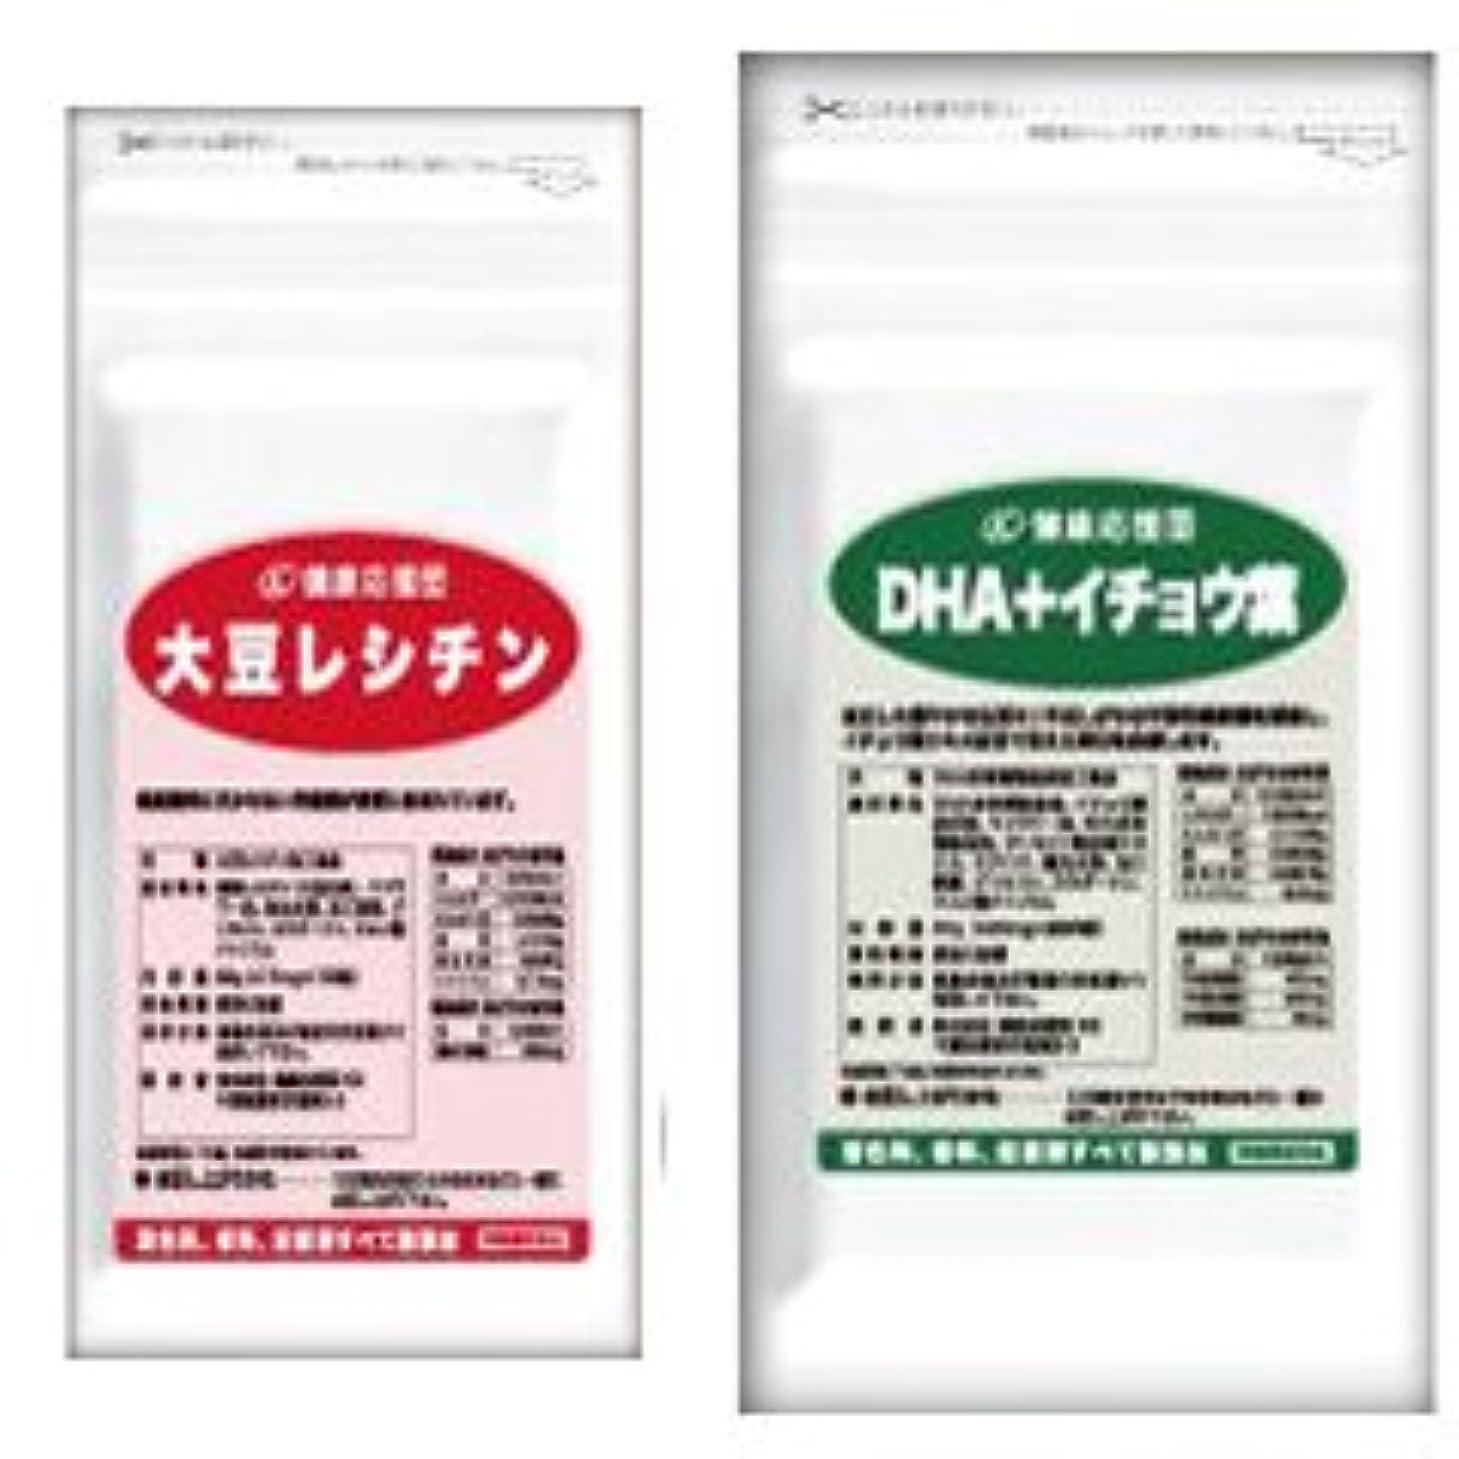 ヒープがっかりした喜び流れサラサラセット 大豆レシチン+(DHA?EPA+イチョウ葉) お徳用12か月分